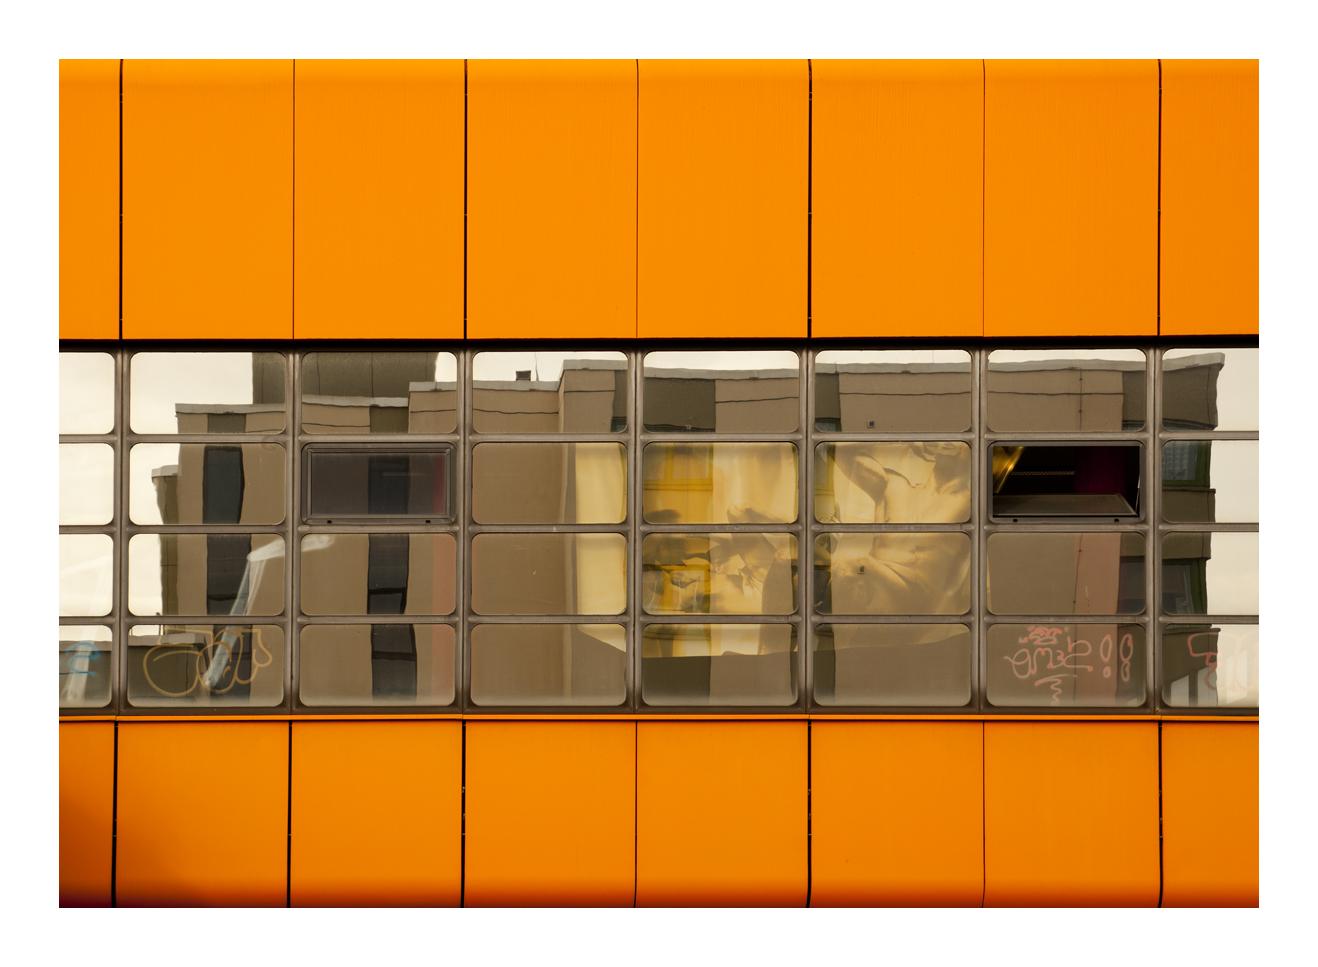 die orangene Fassade